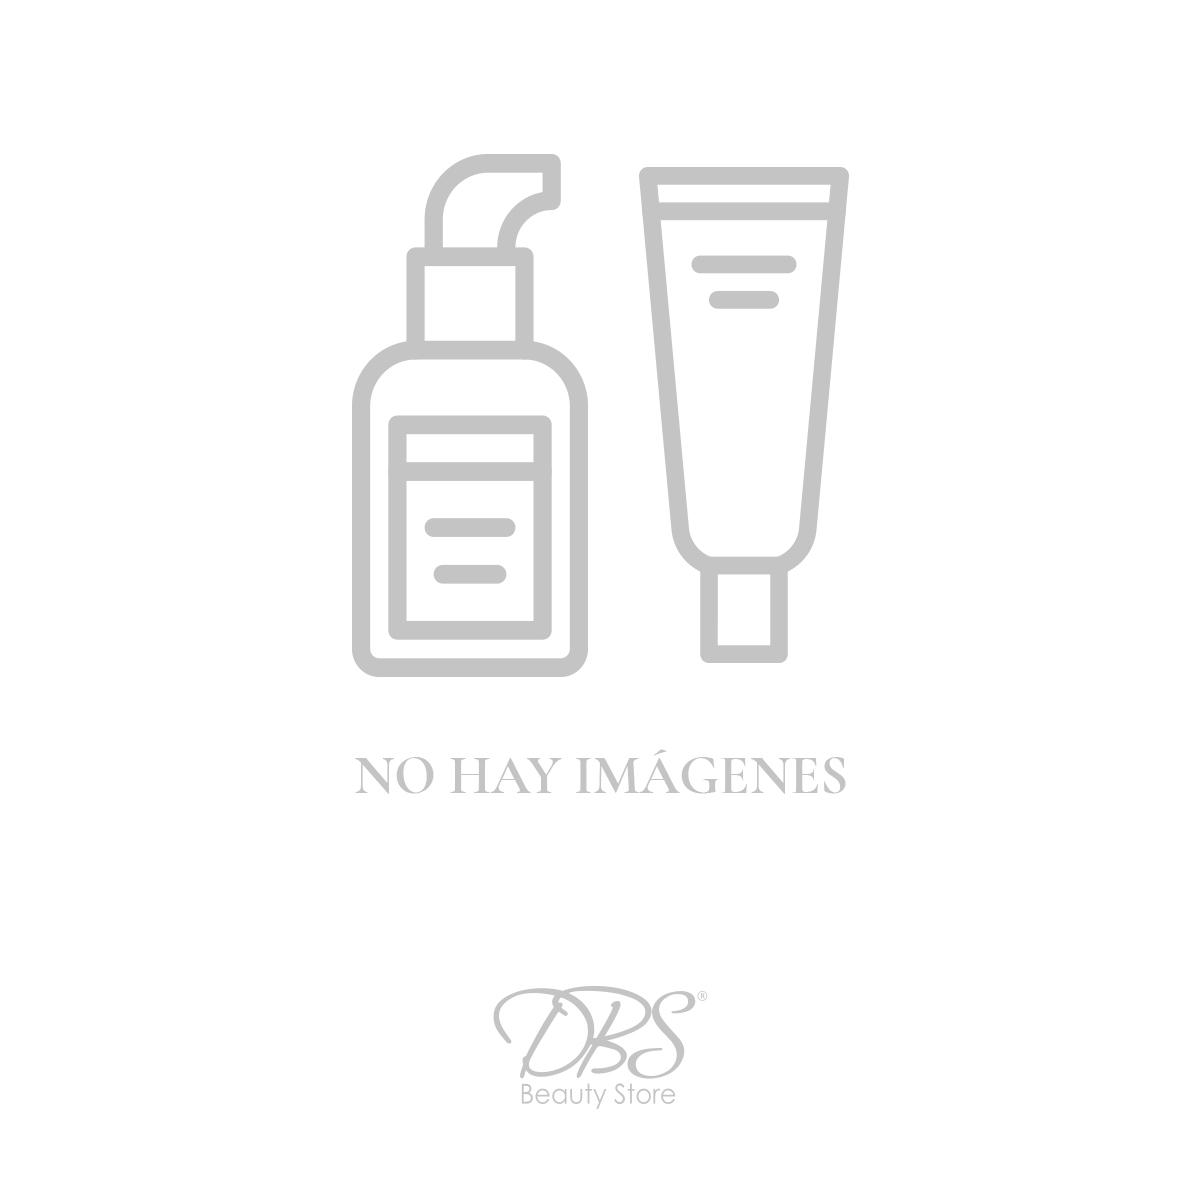 bath-and-body-works-BW-33385.jpg